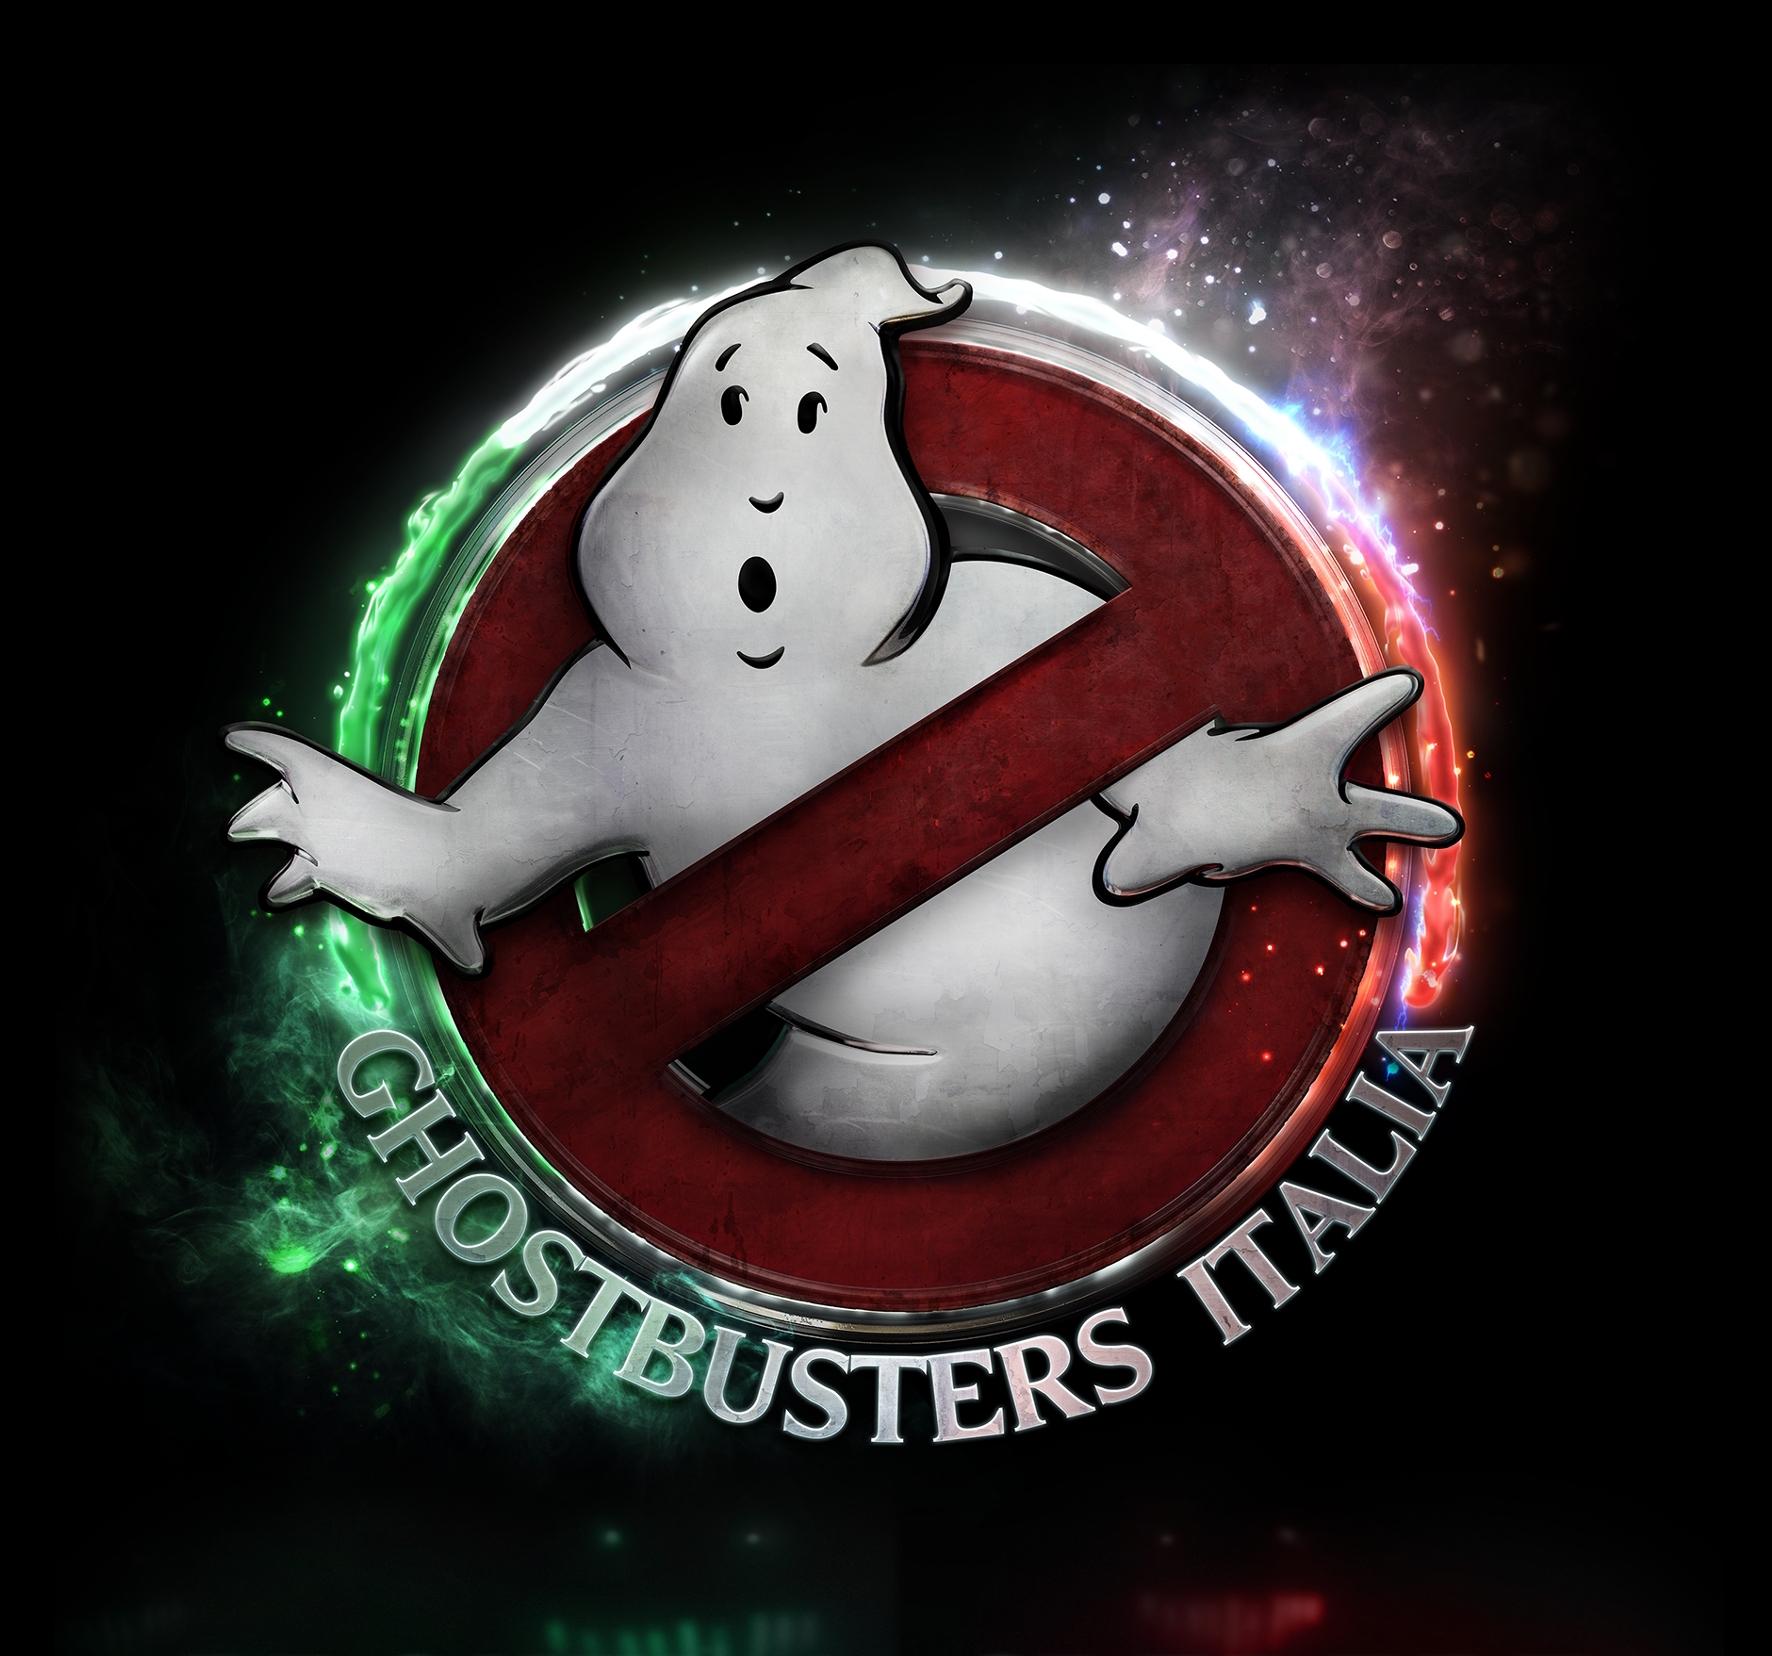 Ghostbusters Italia: in esclusiva il nuovo trailer e il making of!